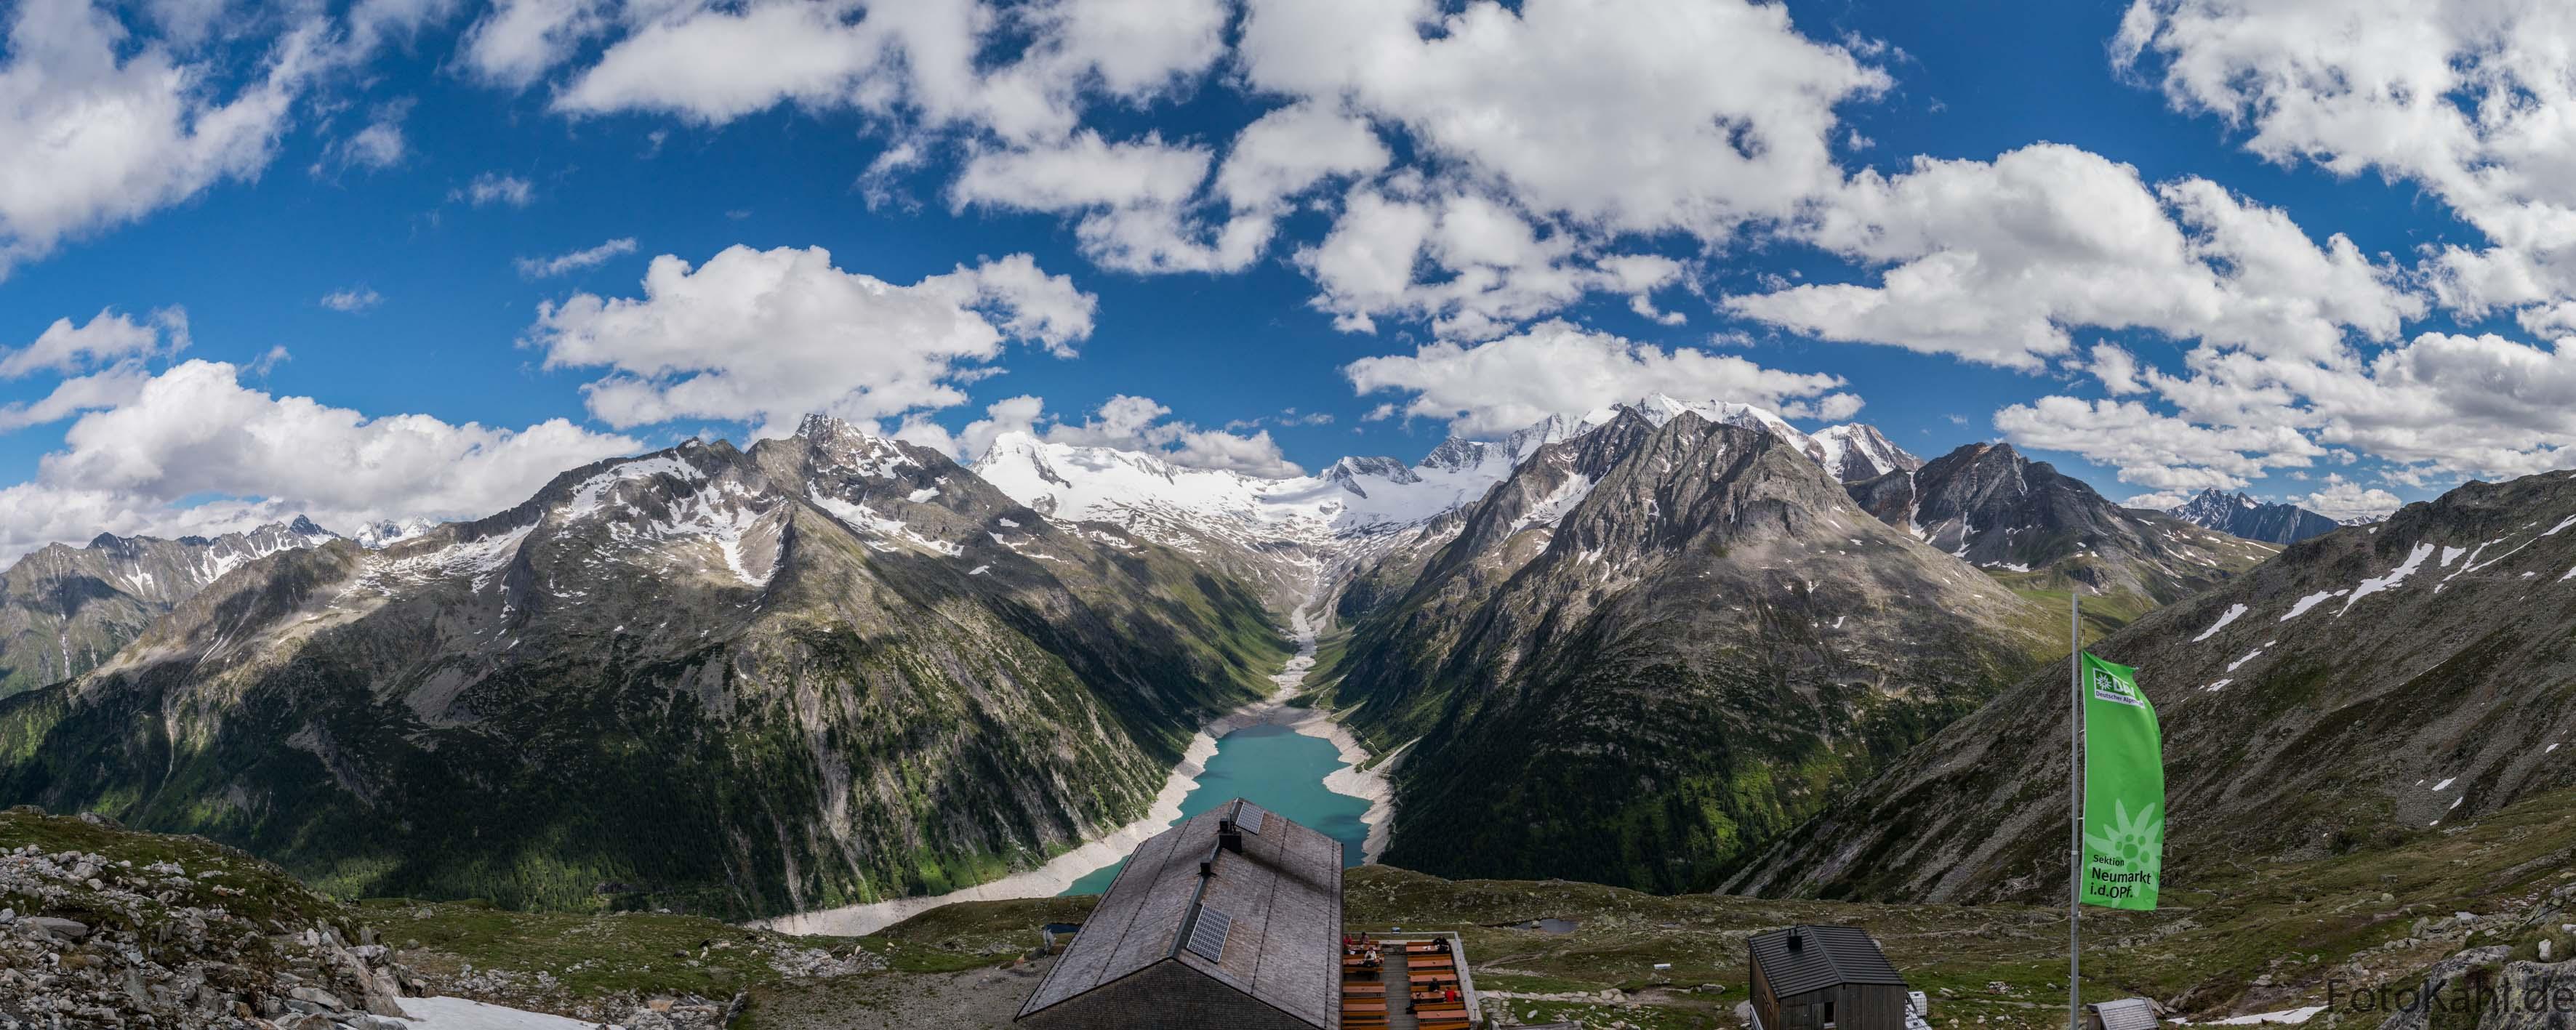 Schlegeisspeicher mit Olpererhütte - Zillertaler Alpen